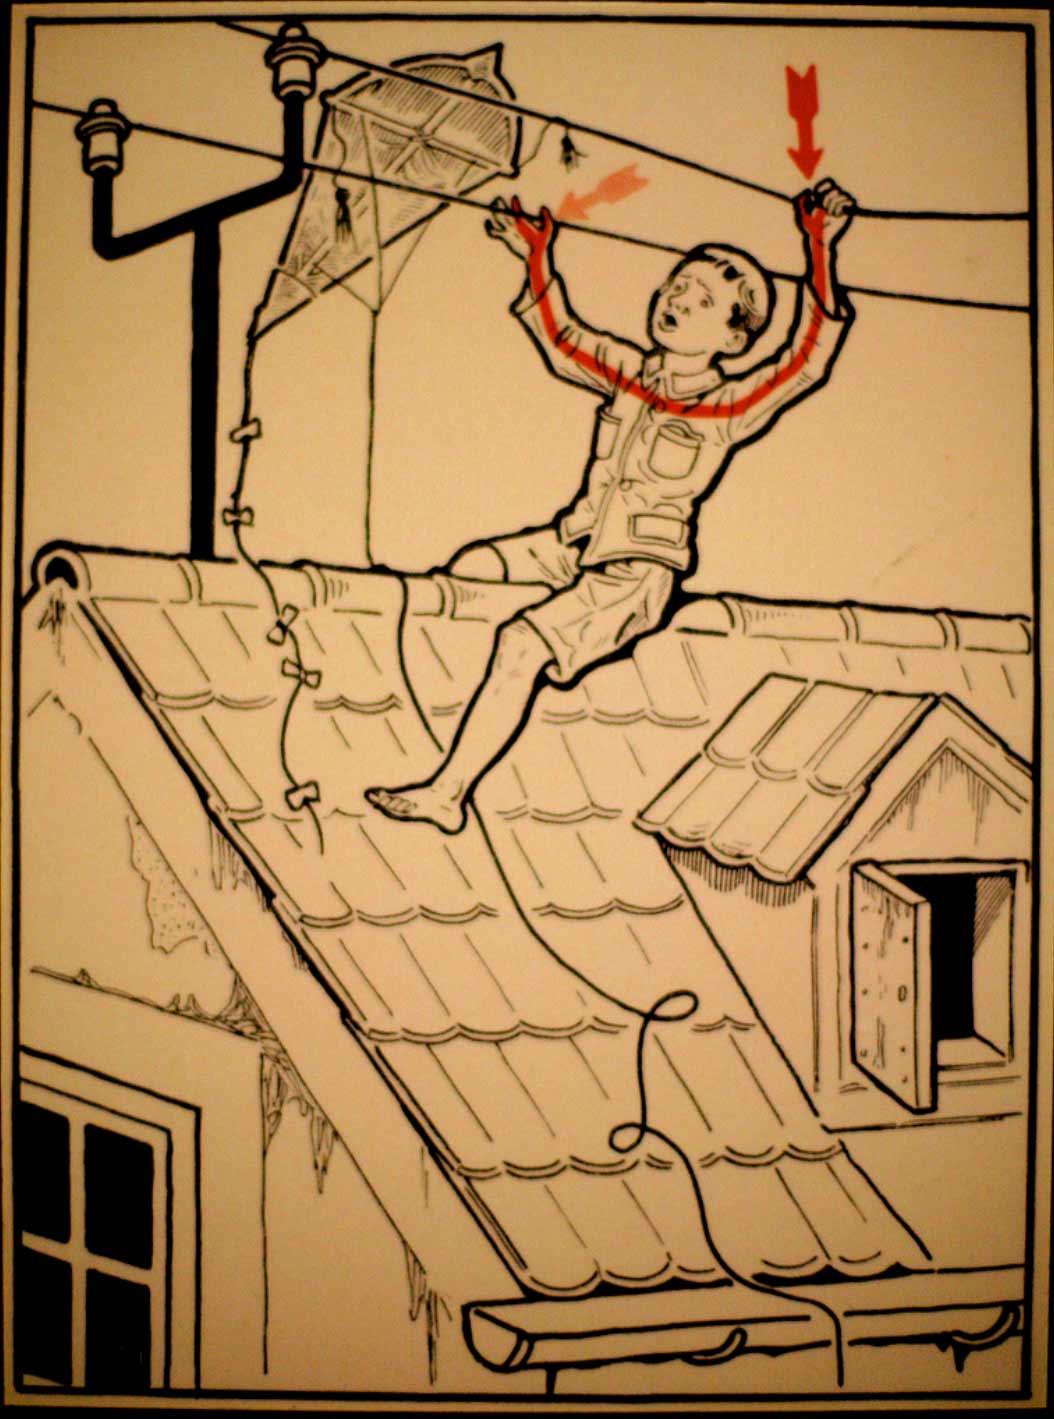 1931 wurde vor skurrilen Arten eines Stromschlages gewarnt Elektroschutz-in-132-Bildern_05